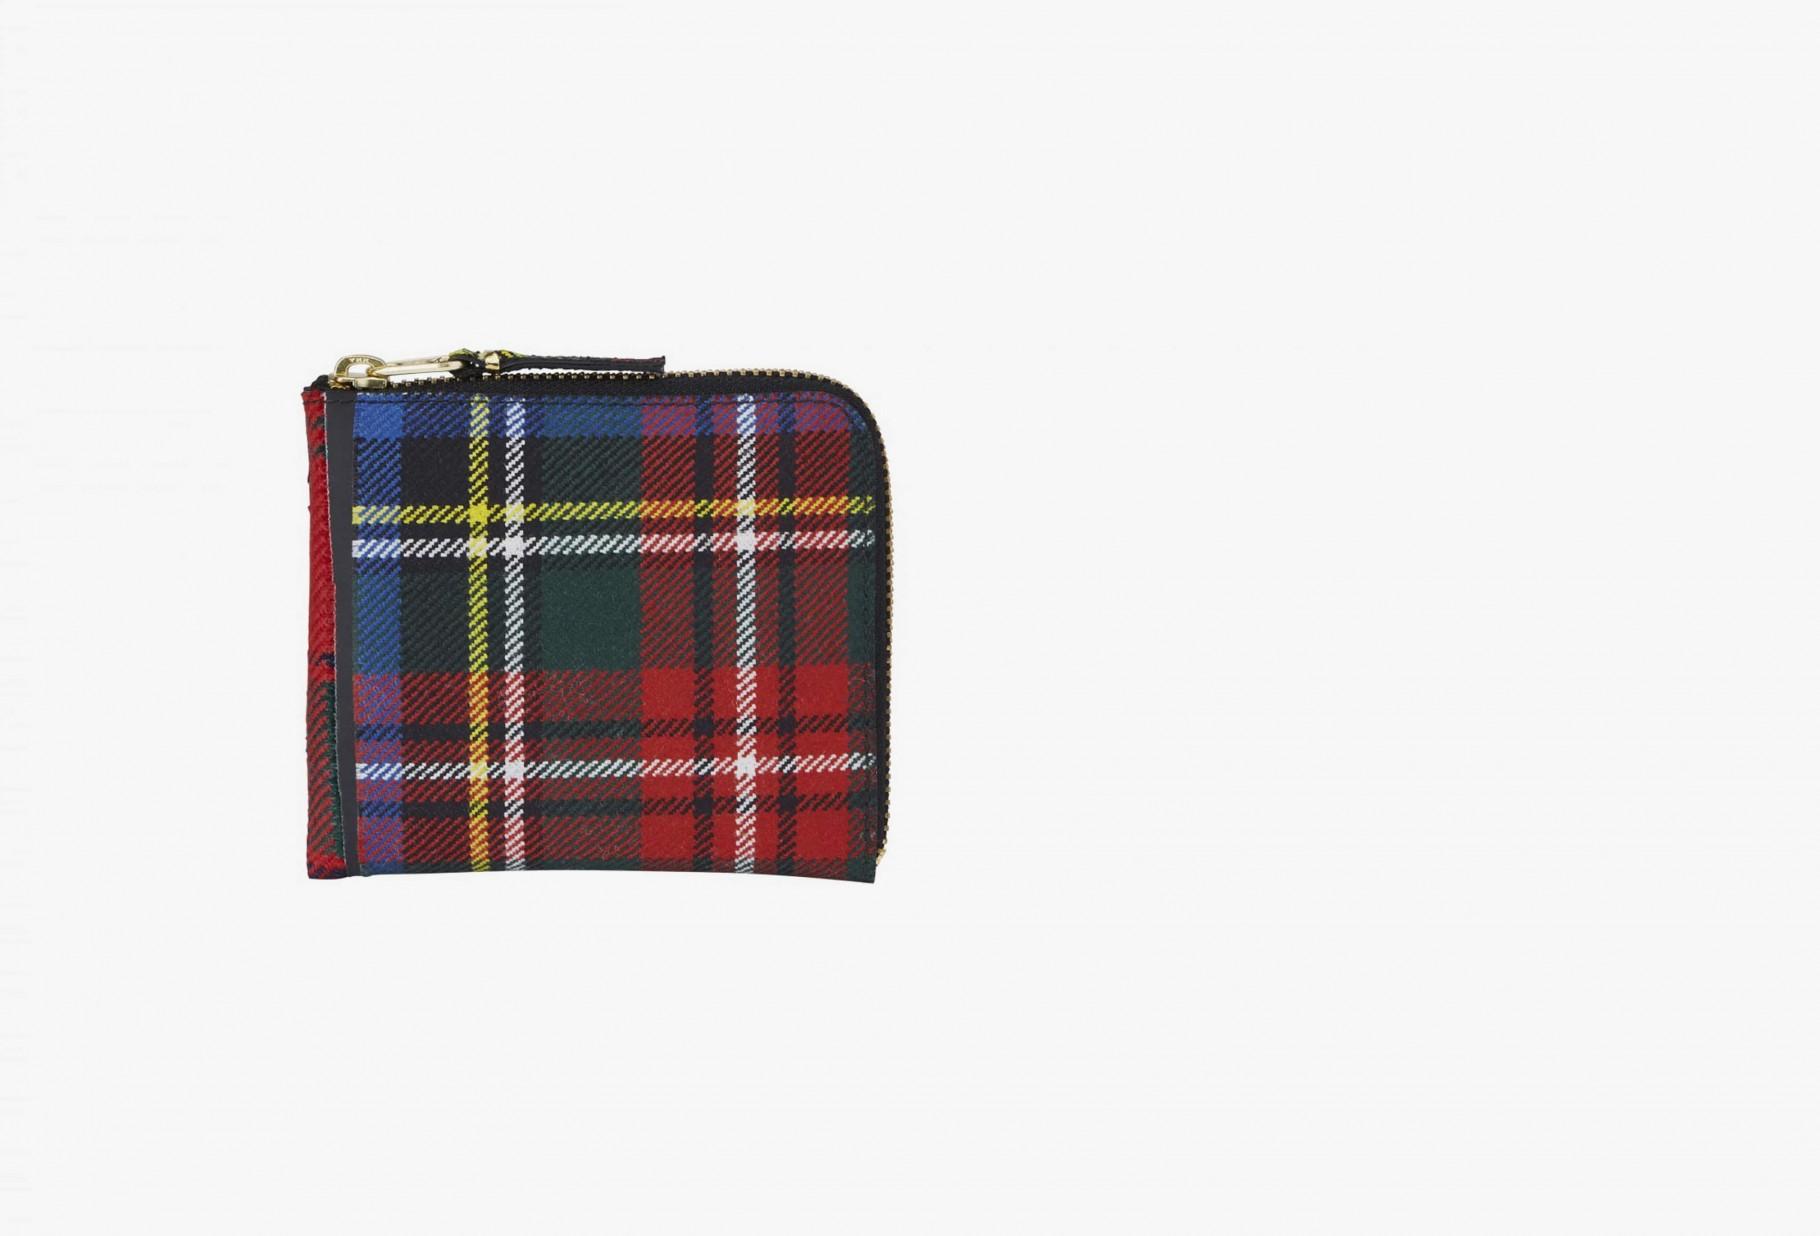 COMME DES GARÇONS WALLETS / Cdg wallet tartan patchwork Sa3100tp red